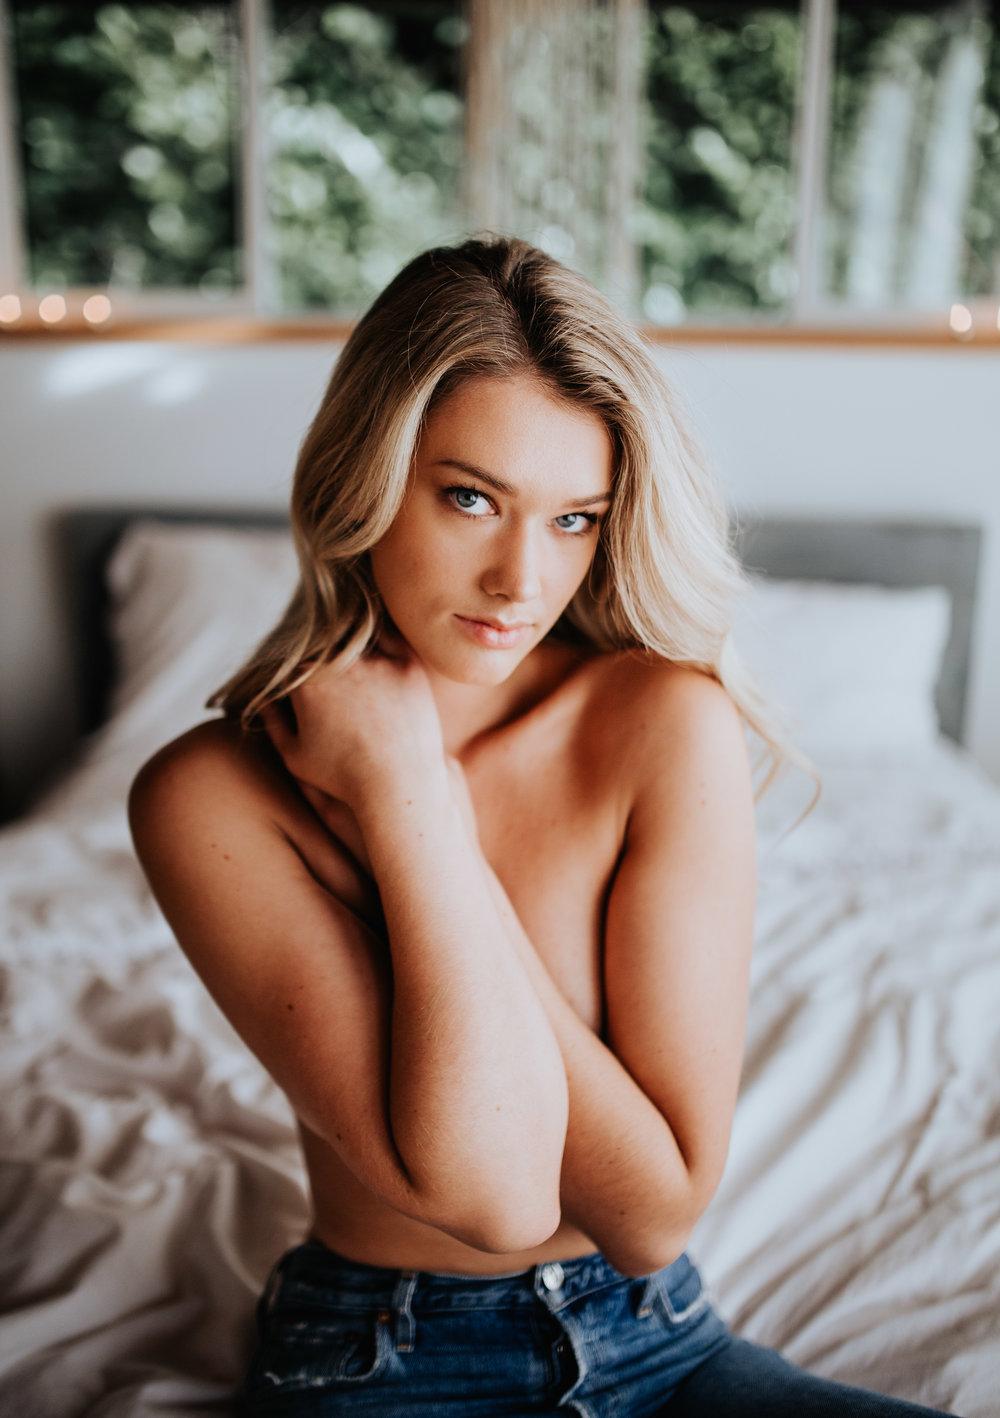 Emily-PaulineHoldenPhotography-6397.jpg